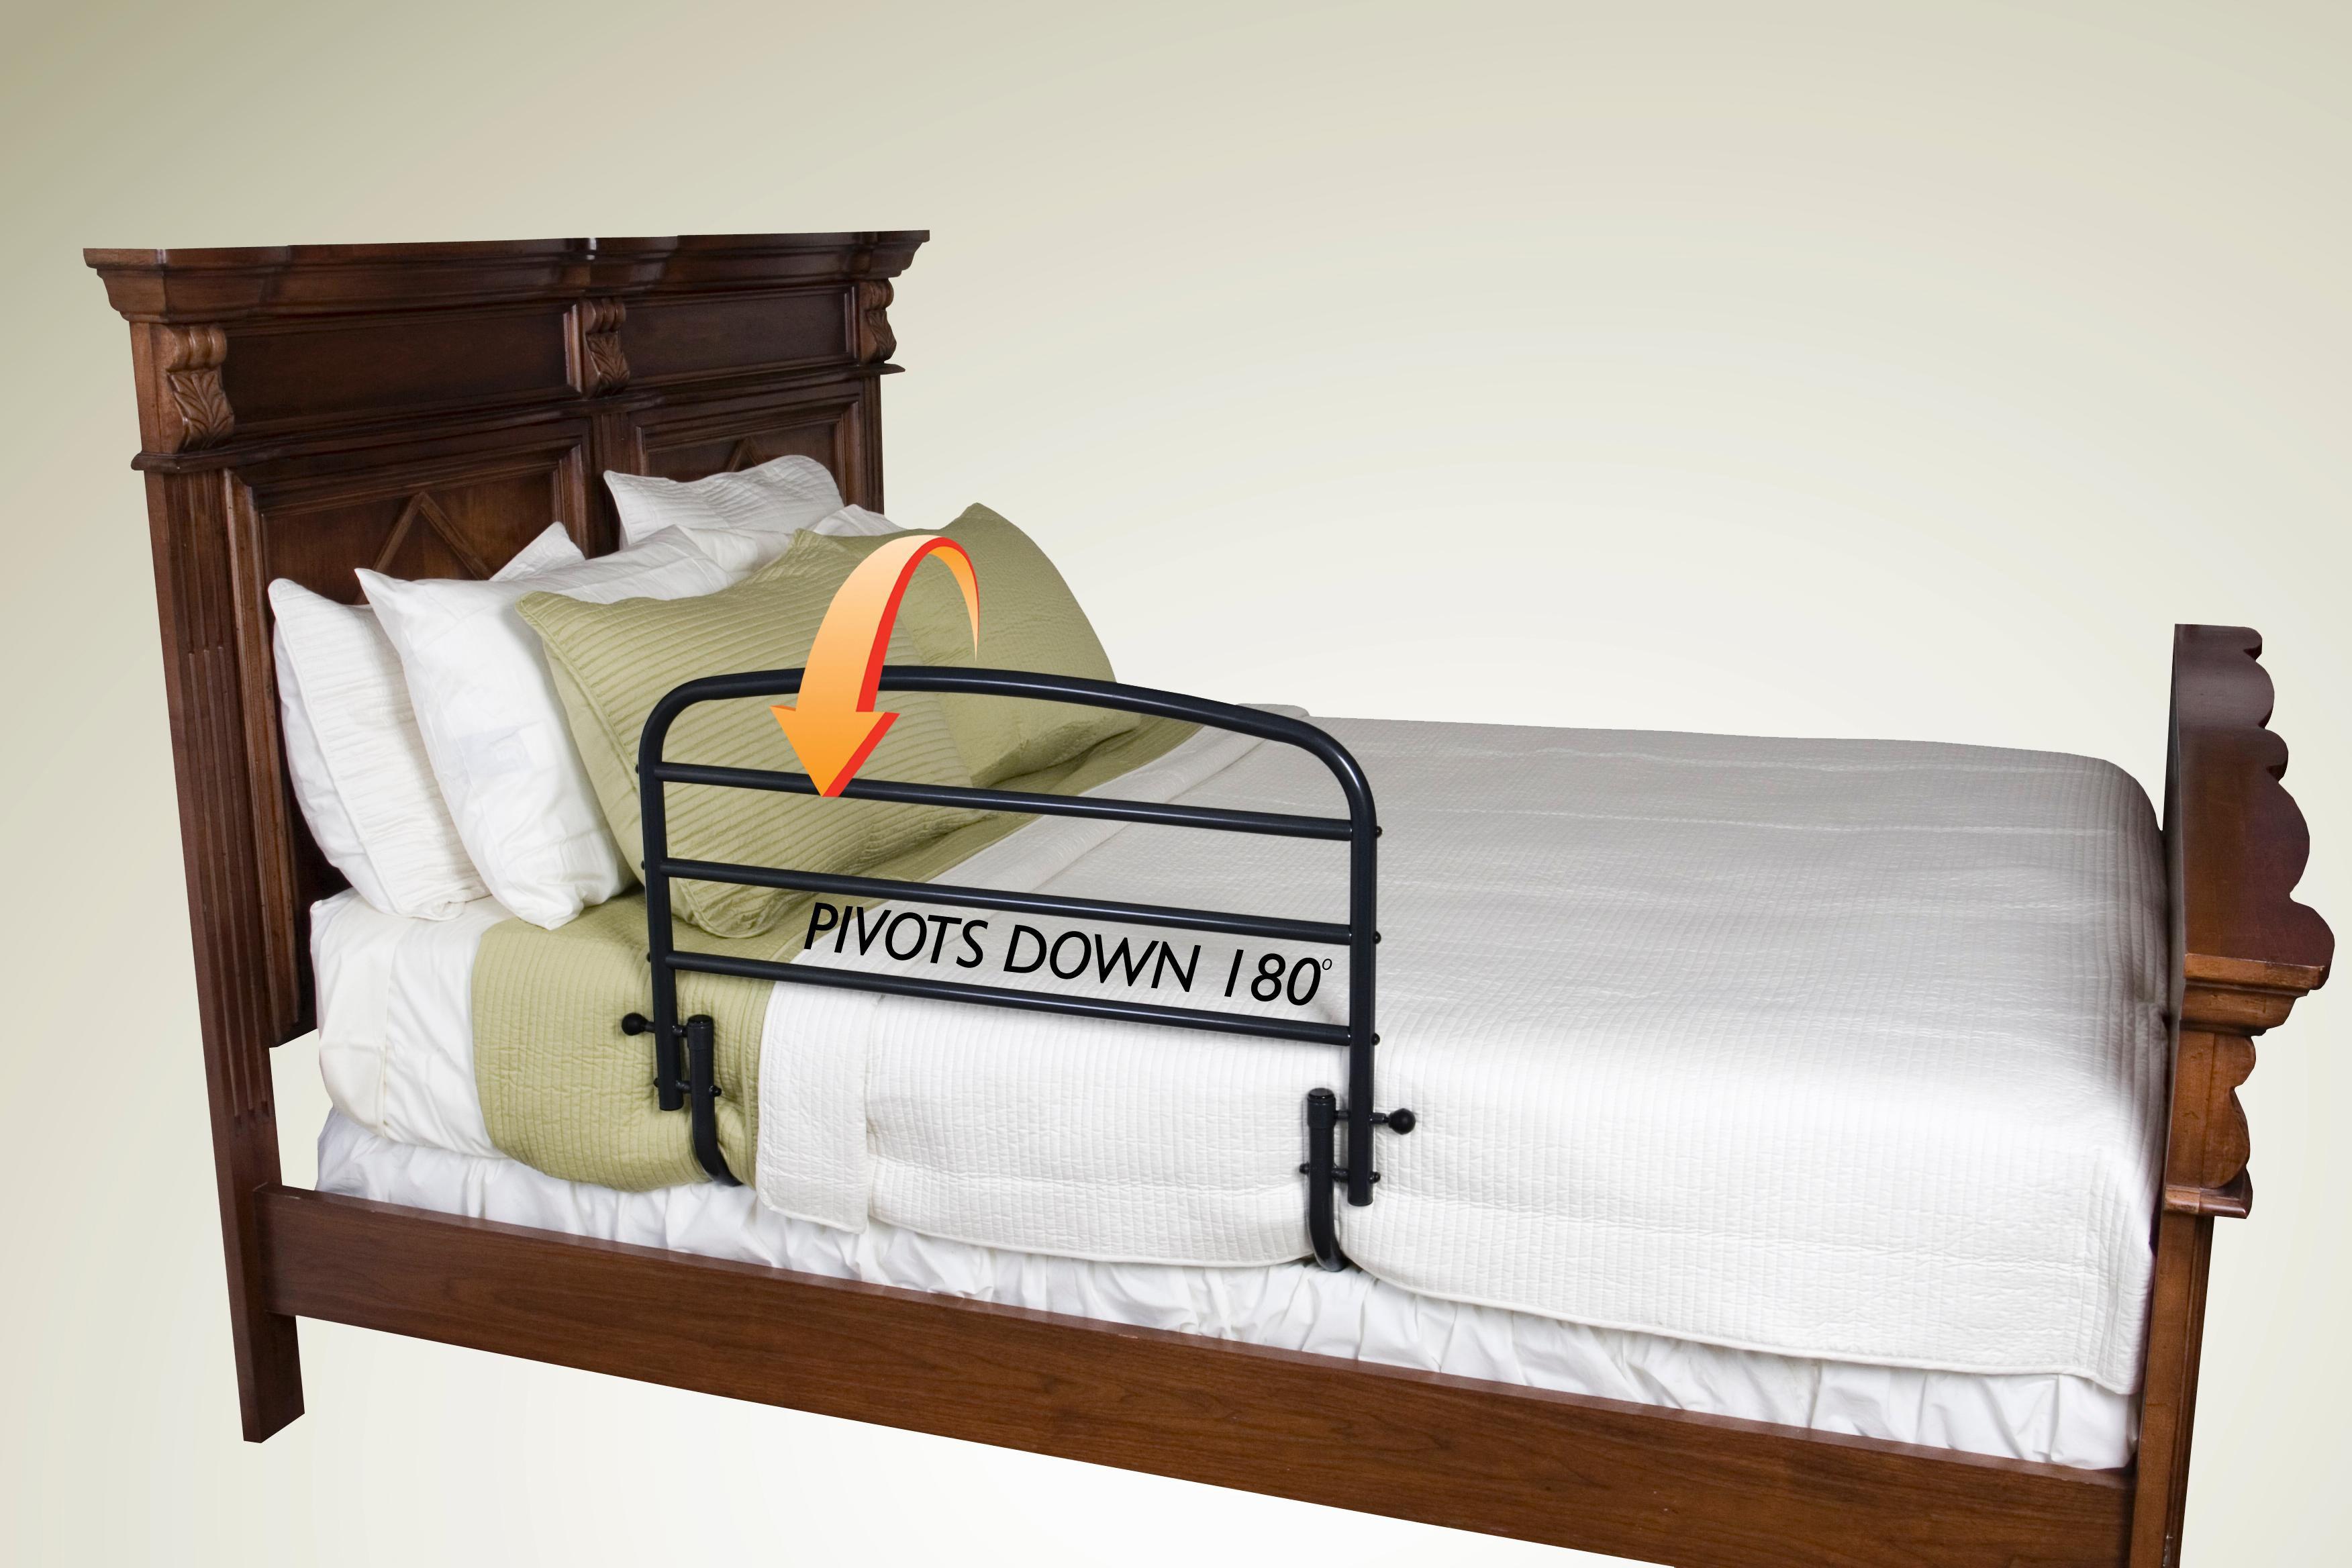 back bed for default elderly orthorest asp rails healthcare